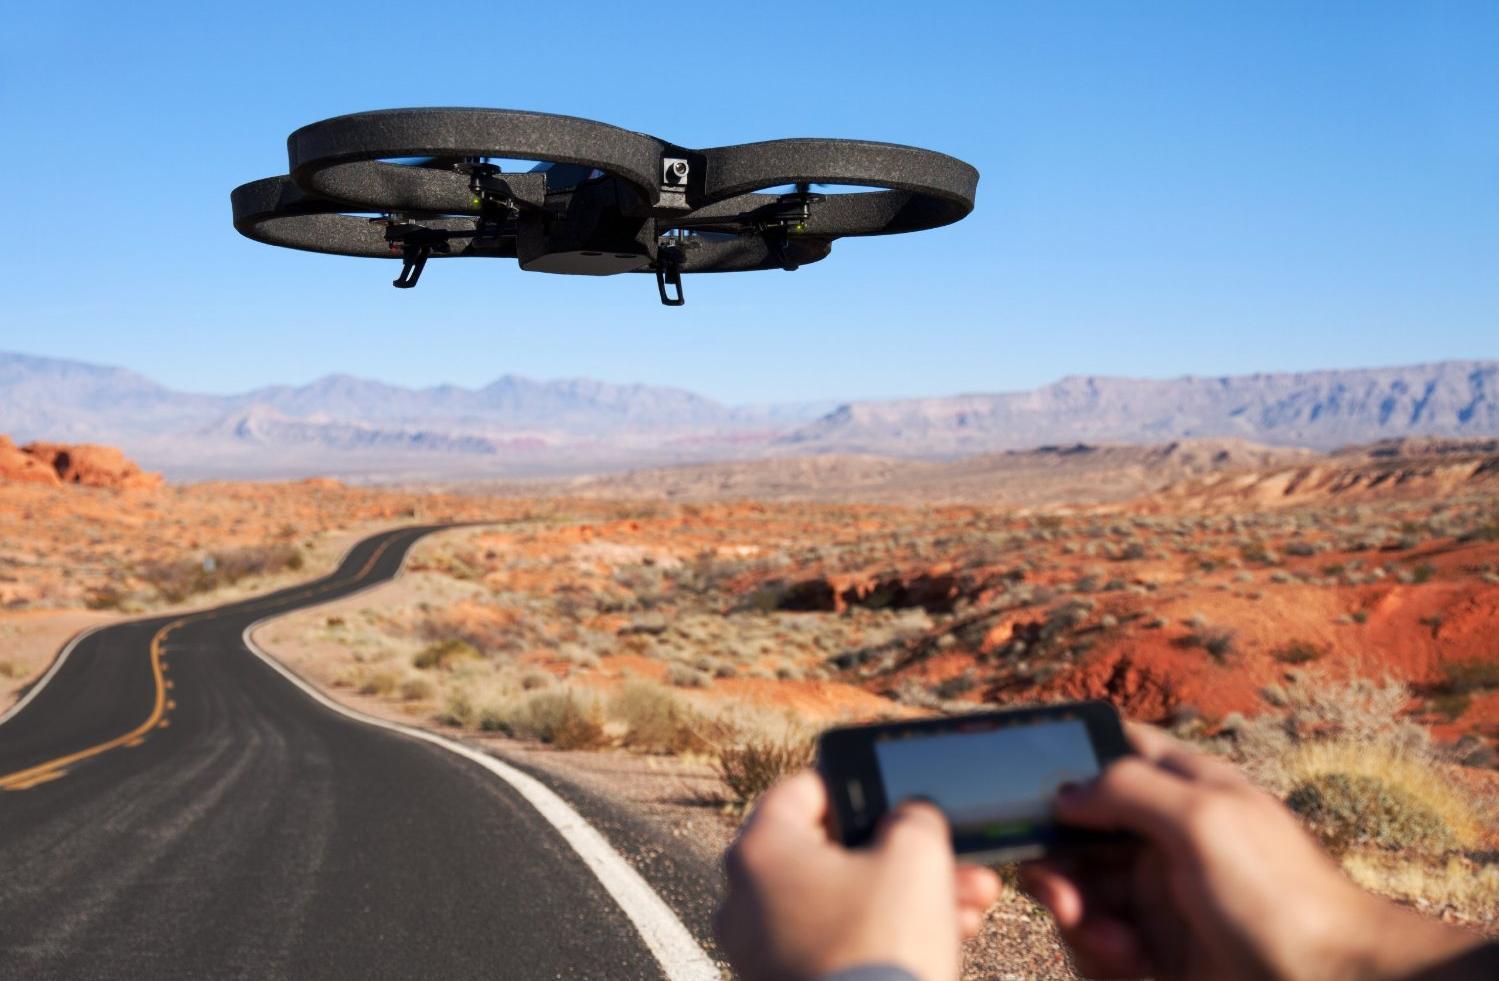 Die AR.Drone 2.0 beim Starten. (Foto: Parrot)